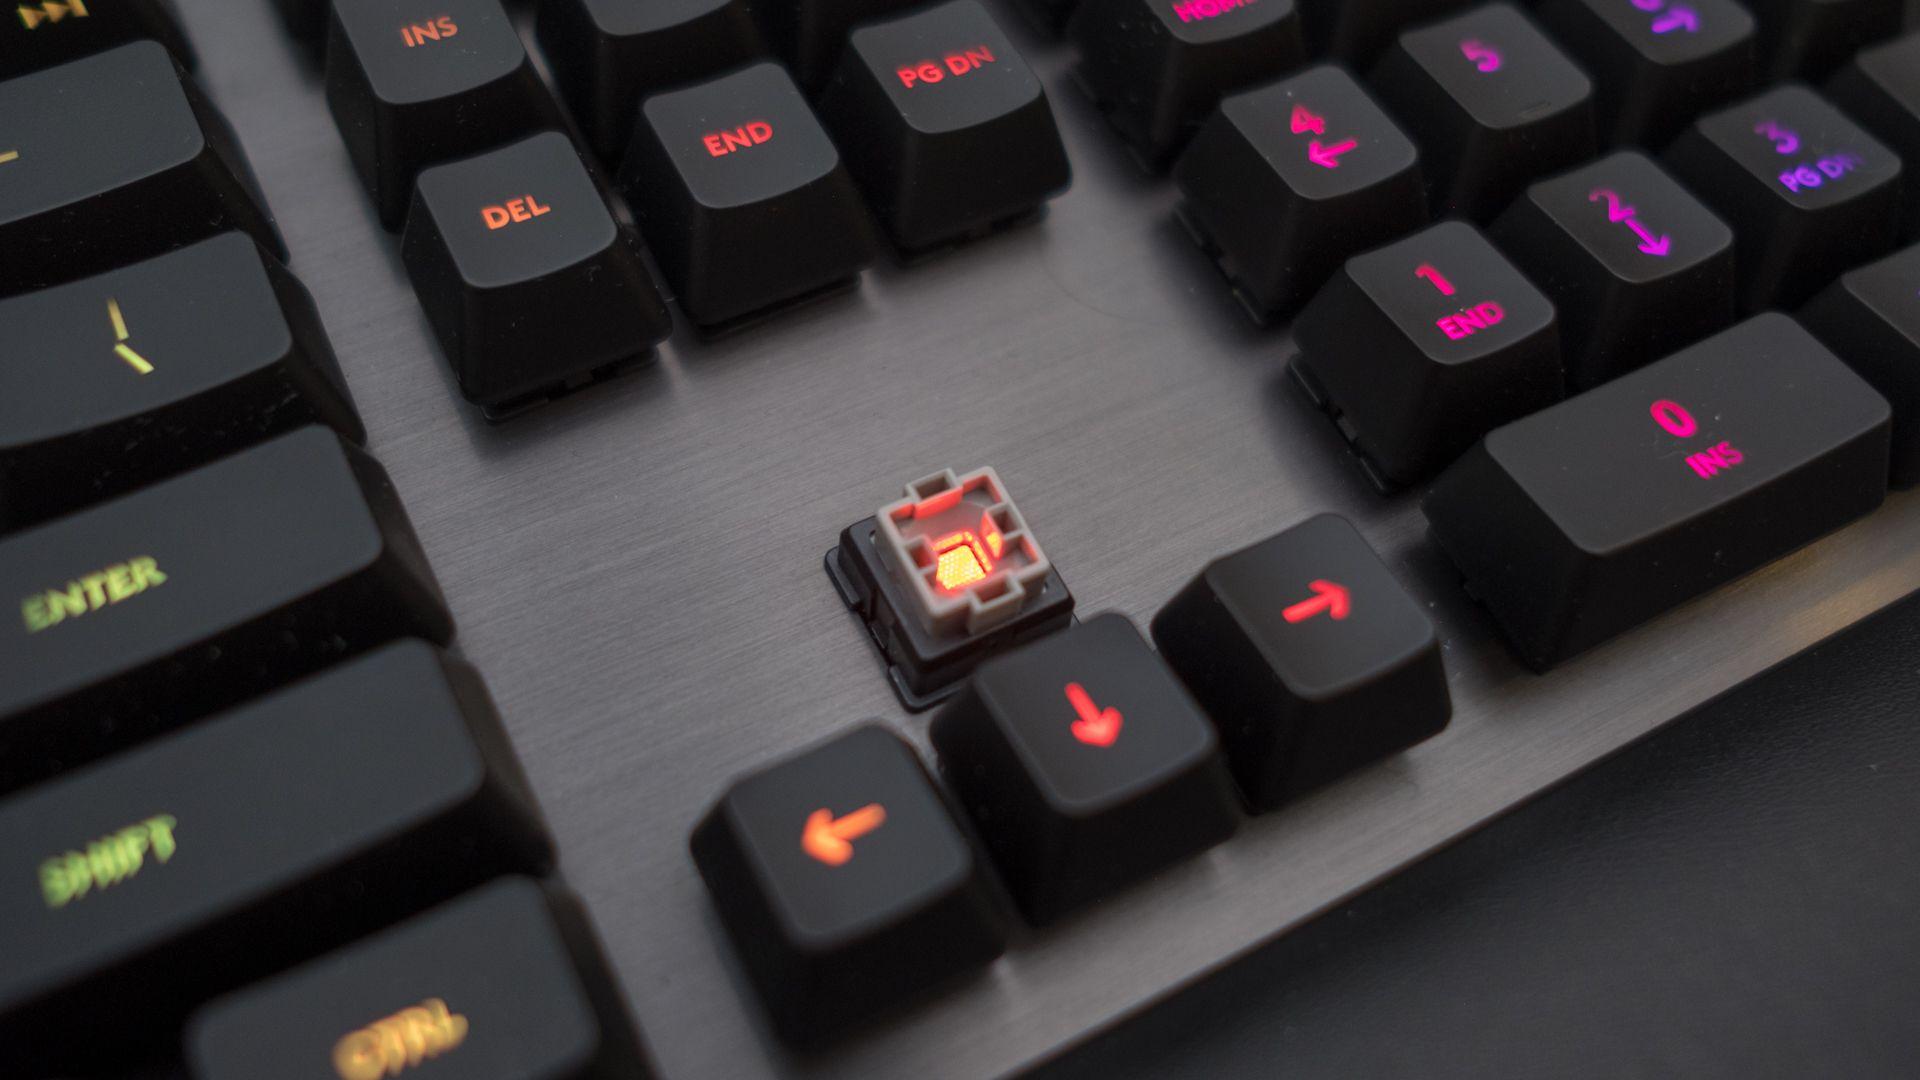 Logitech G513 Logitech, Pc gamer, Computer keyboard